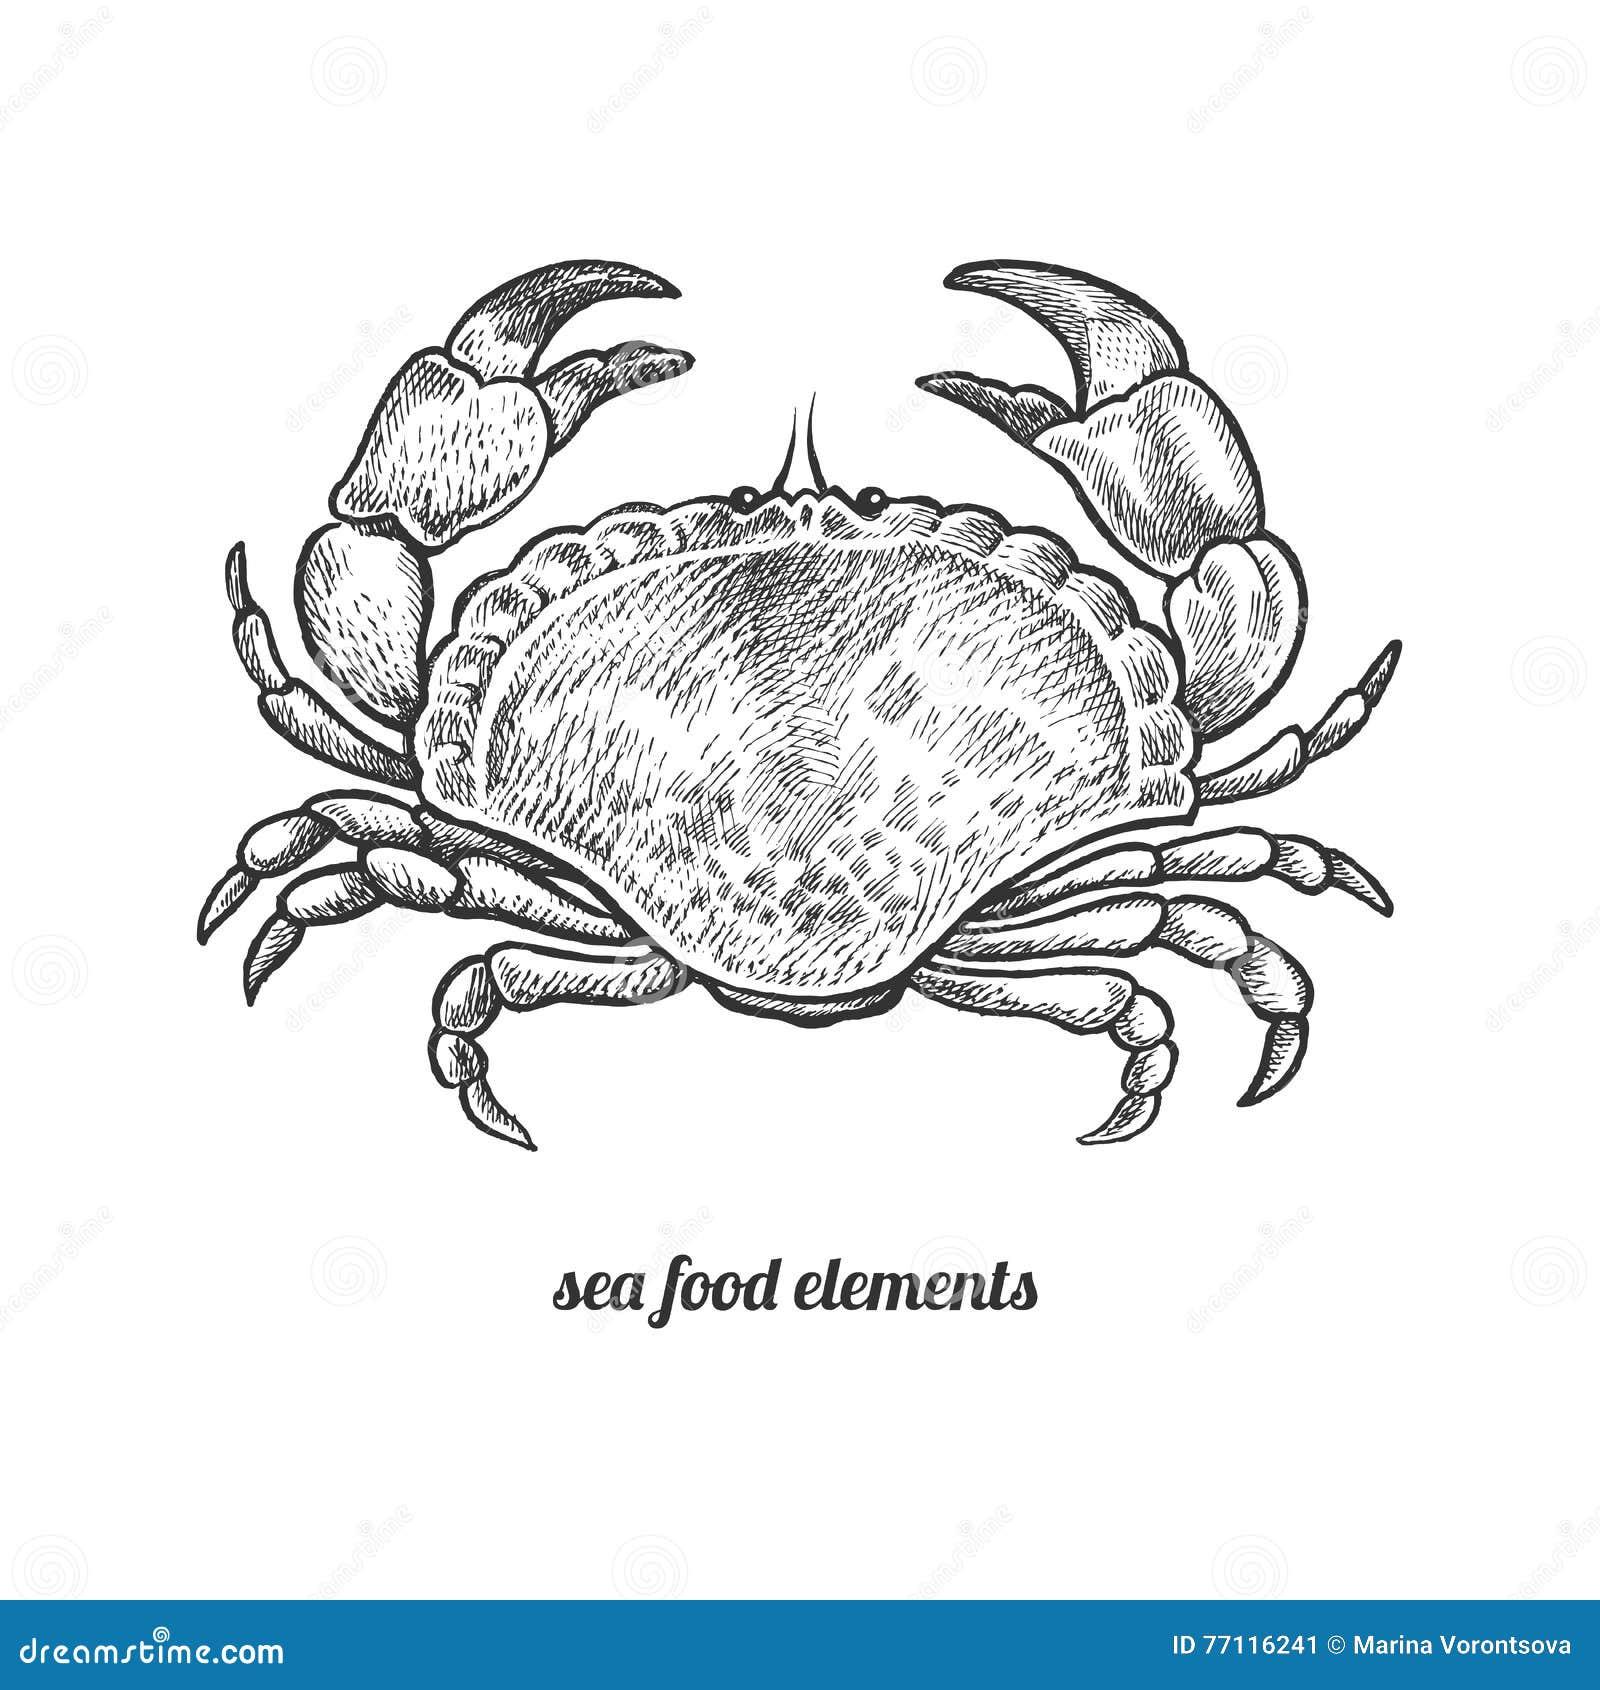 Isolated image crab on white background.